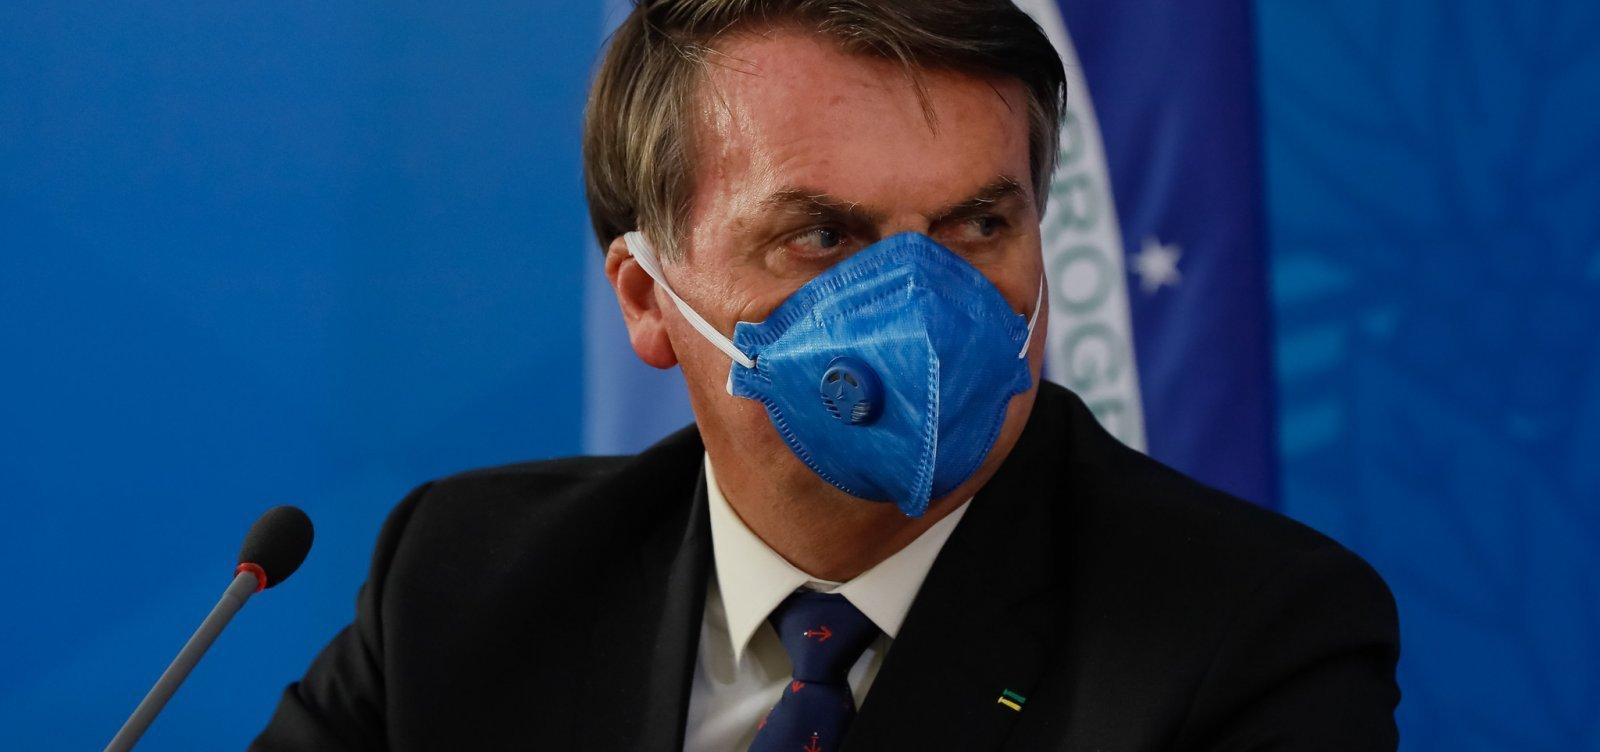 [Lewandowski determina divulgação dos exames de Covid-19 de Bolsonaro]